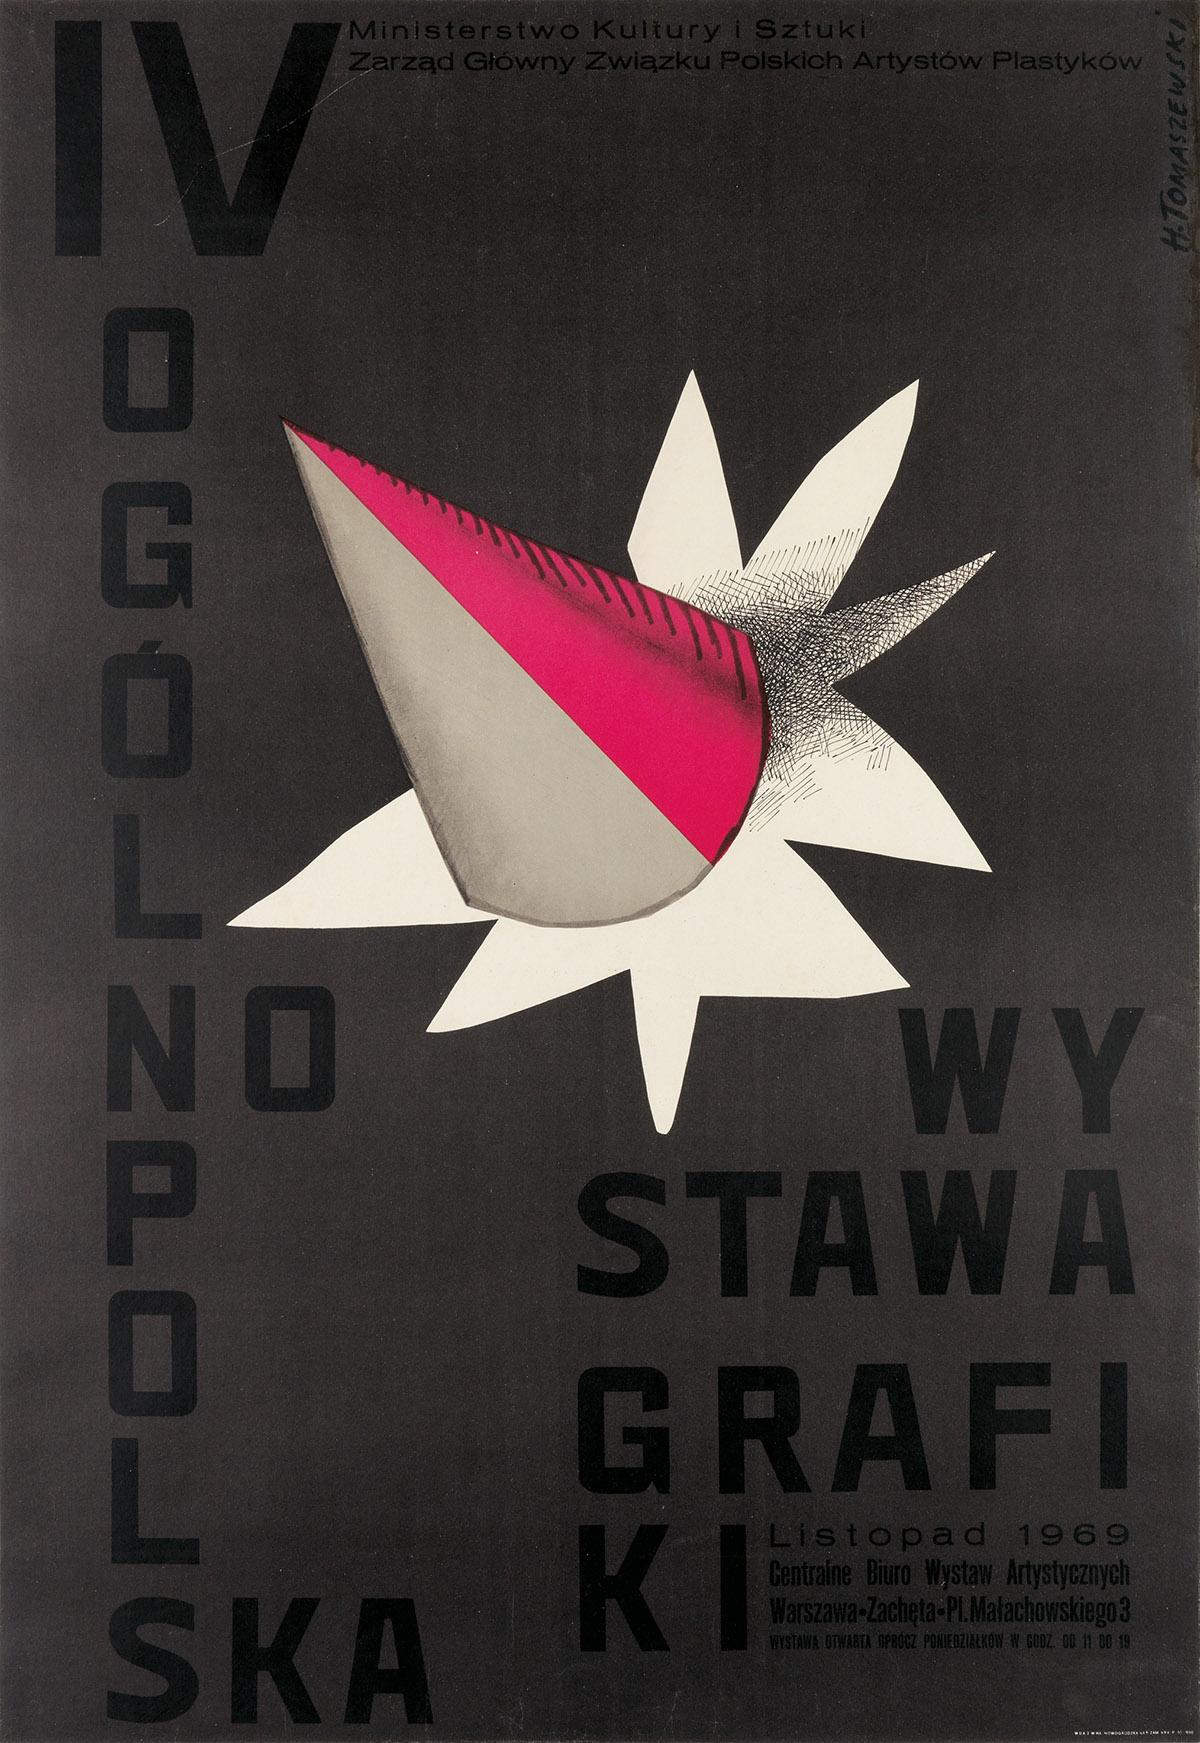 HENRYK-TOMASZEWSKI-(1914-2005)-IV-OGOLNOPOLSKA-WYSTAWA-GRAFI